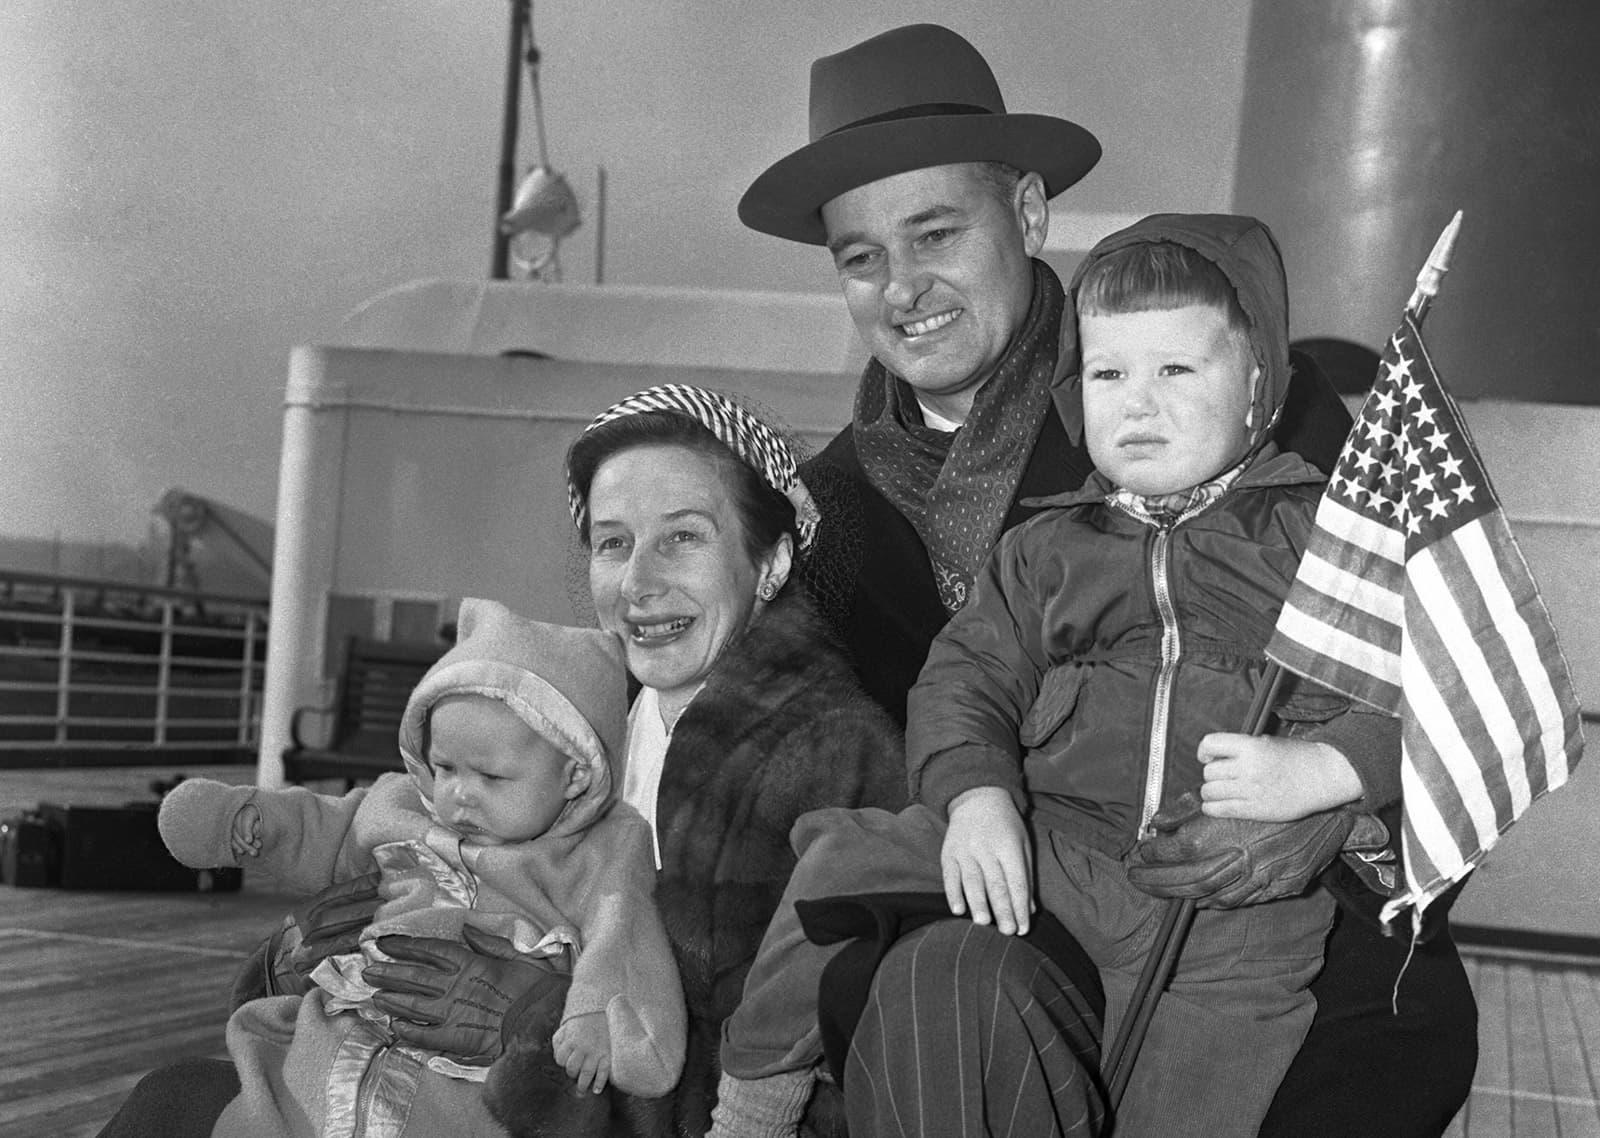 George Kennan, ambaixador dels Estats Units a Rússia, amb la seva família al vaixell que el va portar de tornada a Nova York, el 1952. Fotografia de Getty Images.